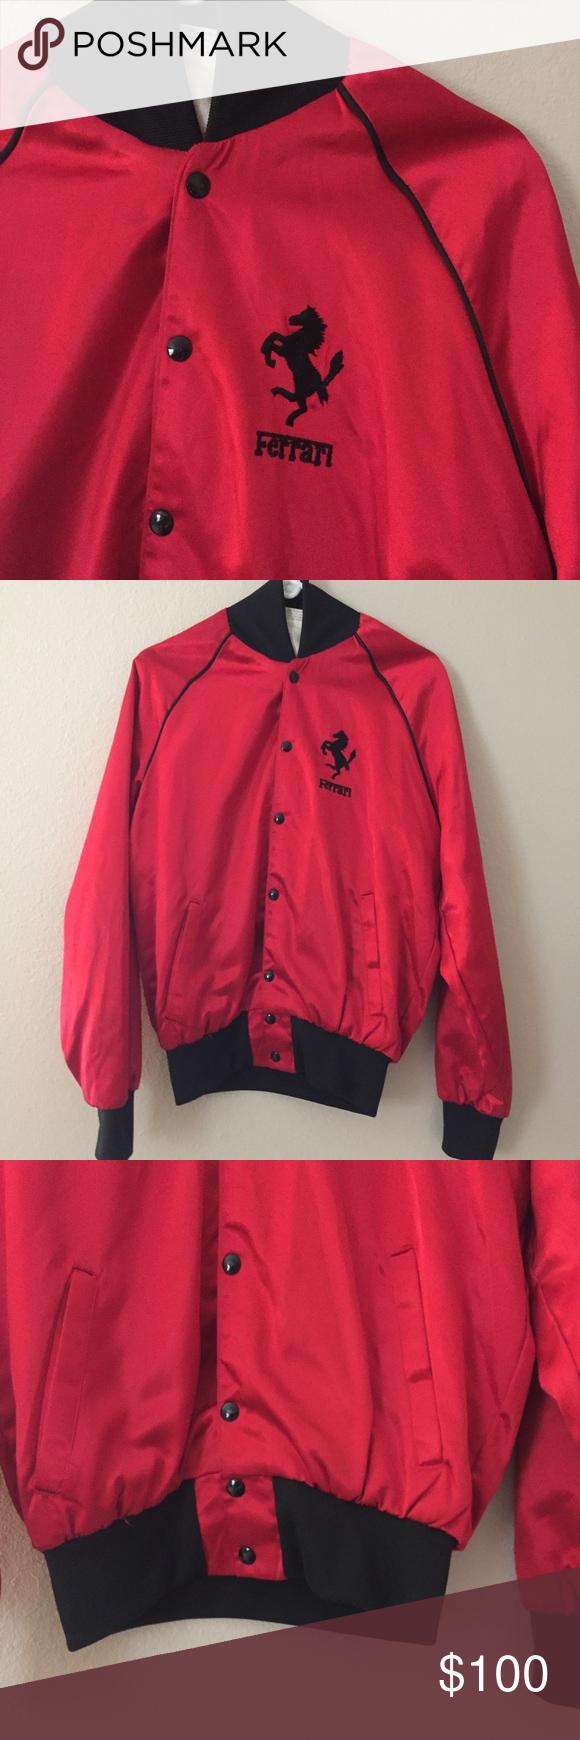 Vintage Red Ferrari Jacket Large Jackets Vintage Red